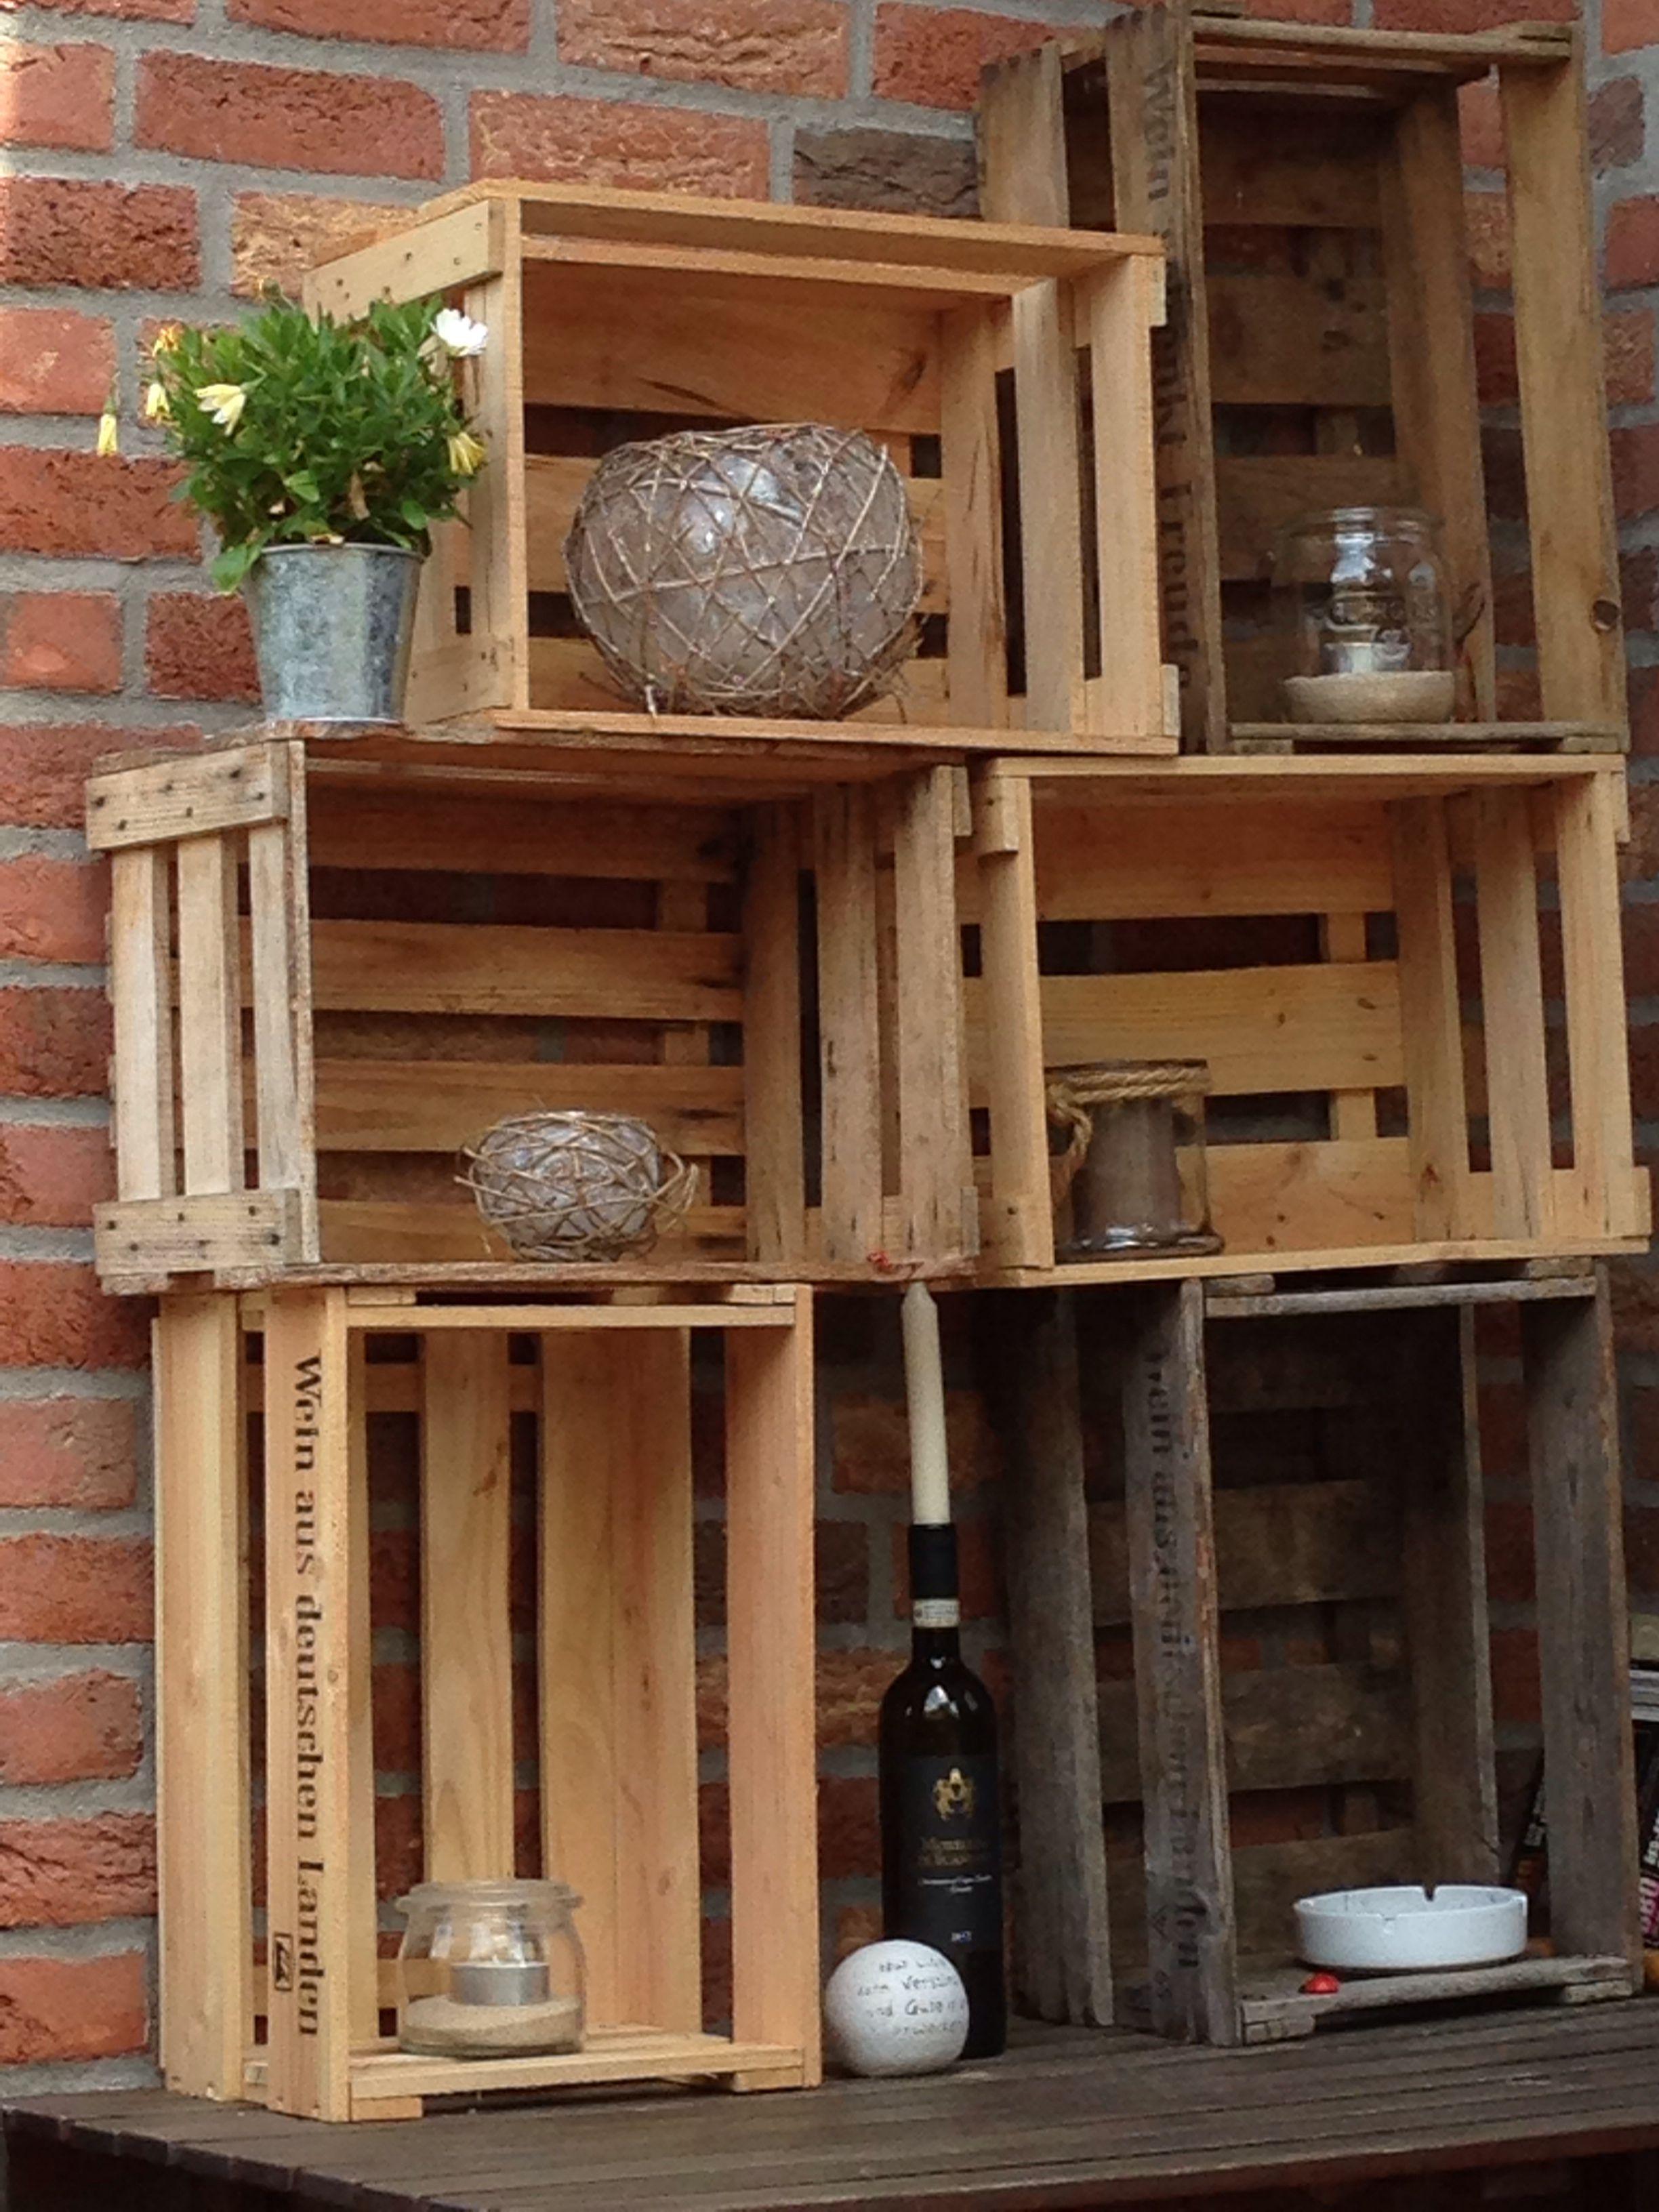 Gestapelte Weinkisten Als Ablagenöglichkeiten · ProjekteHaus Und  GartenPflanzenDekoProjectsPlants